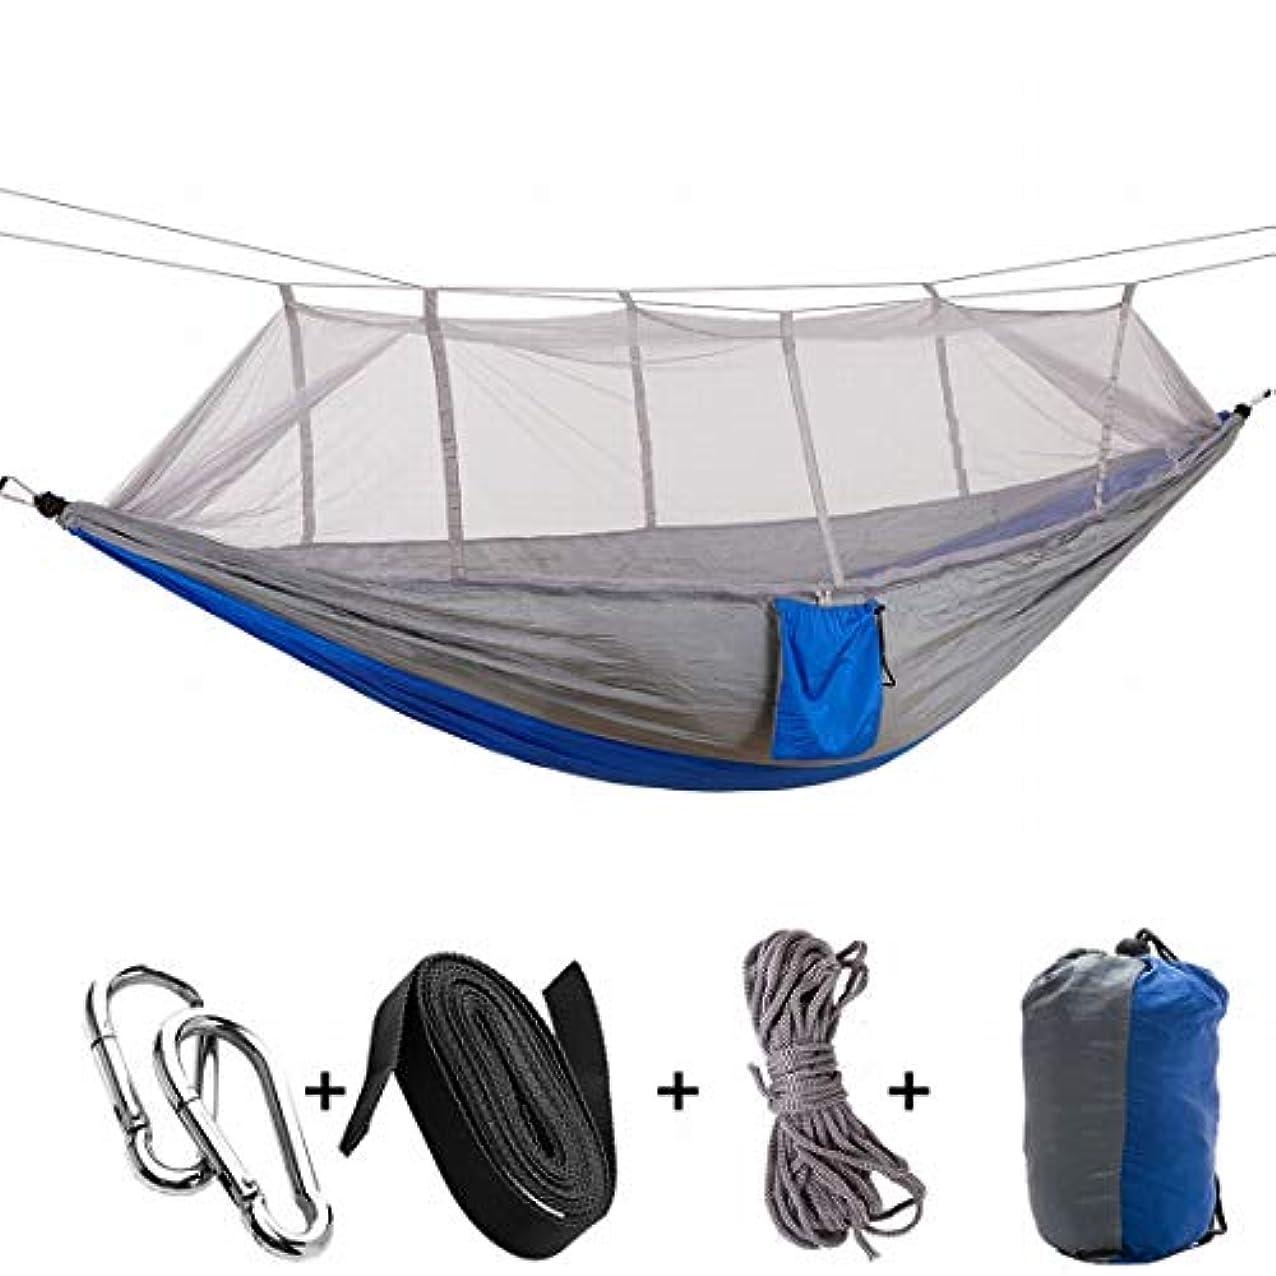 会議テラス再開Kerwinner 蚊帳ハンモックでのキャンプオフサイトテント屋外用超軽量通気性とパラシュート布ハンモックを収容するのに便利